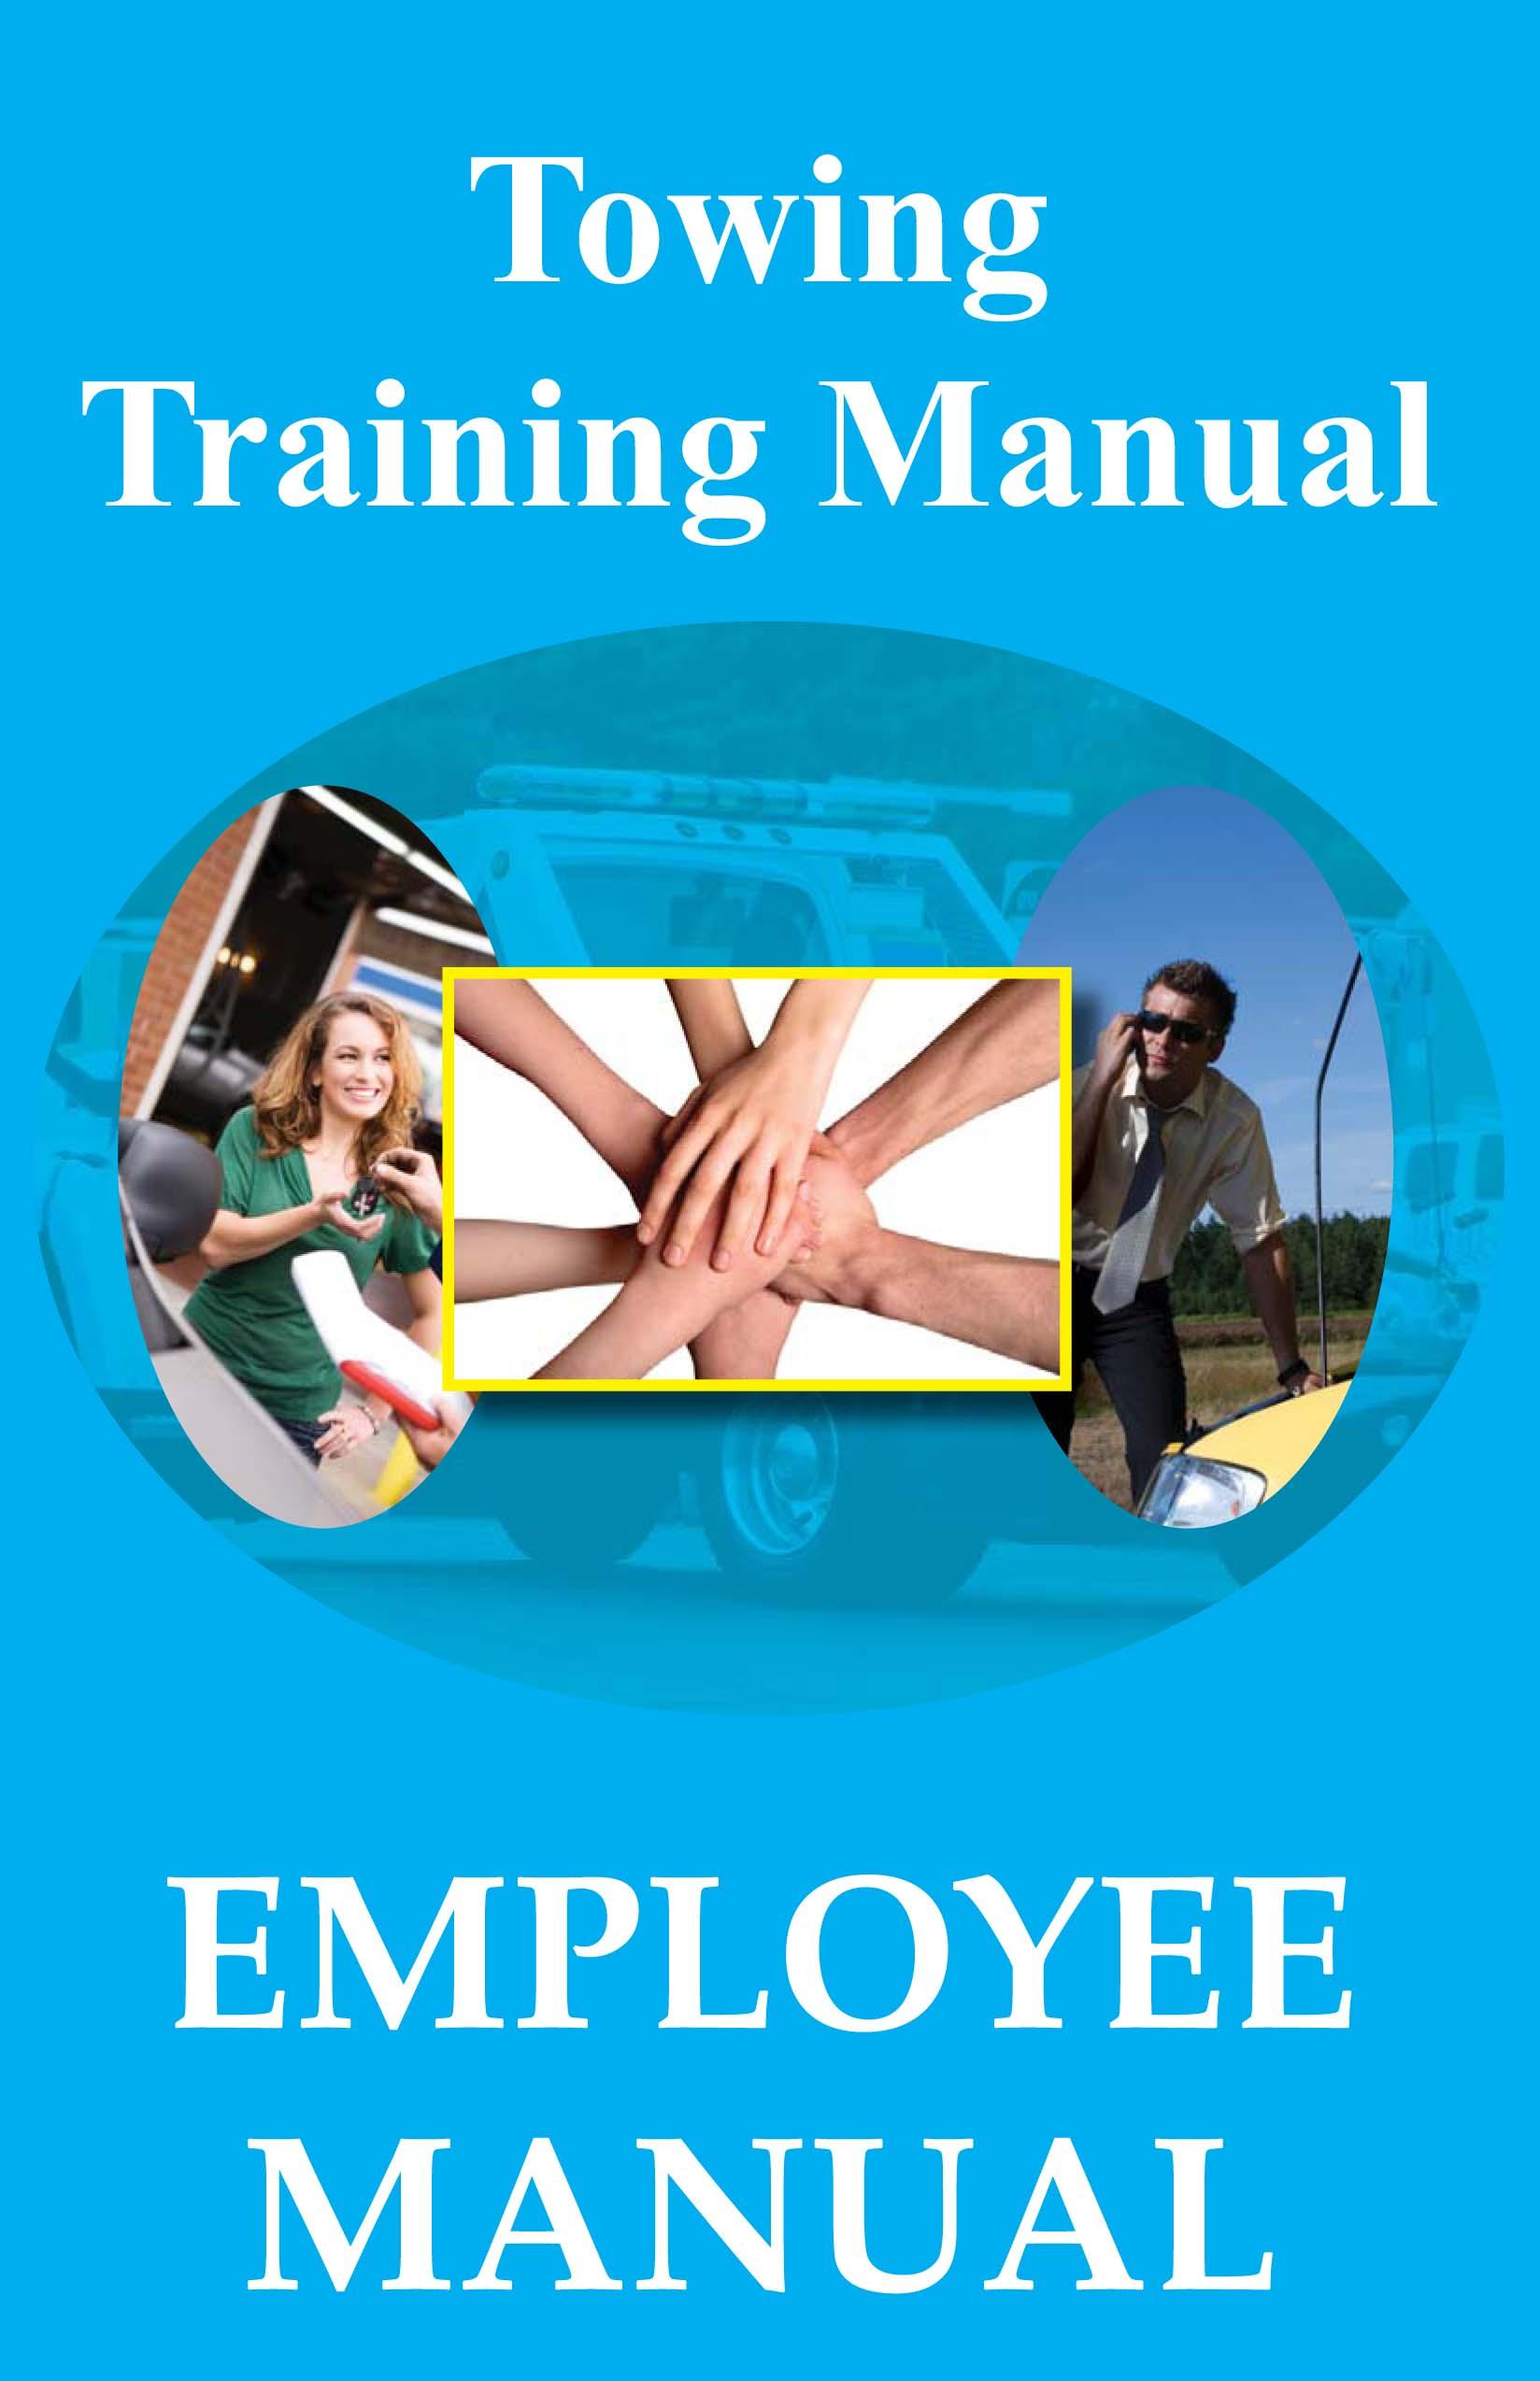 Towing Training Manual Employee Manual 17500 Zen Cart – Employee Manual